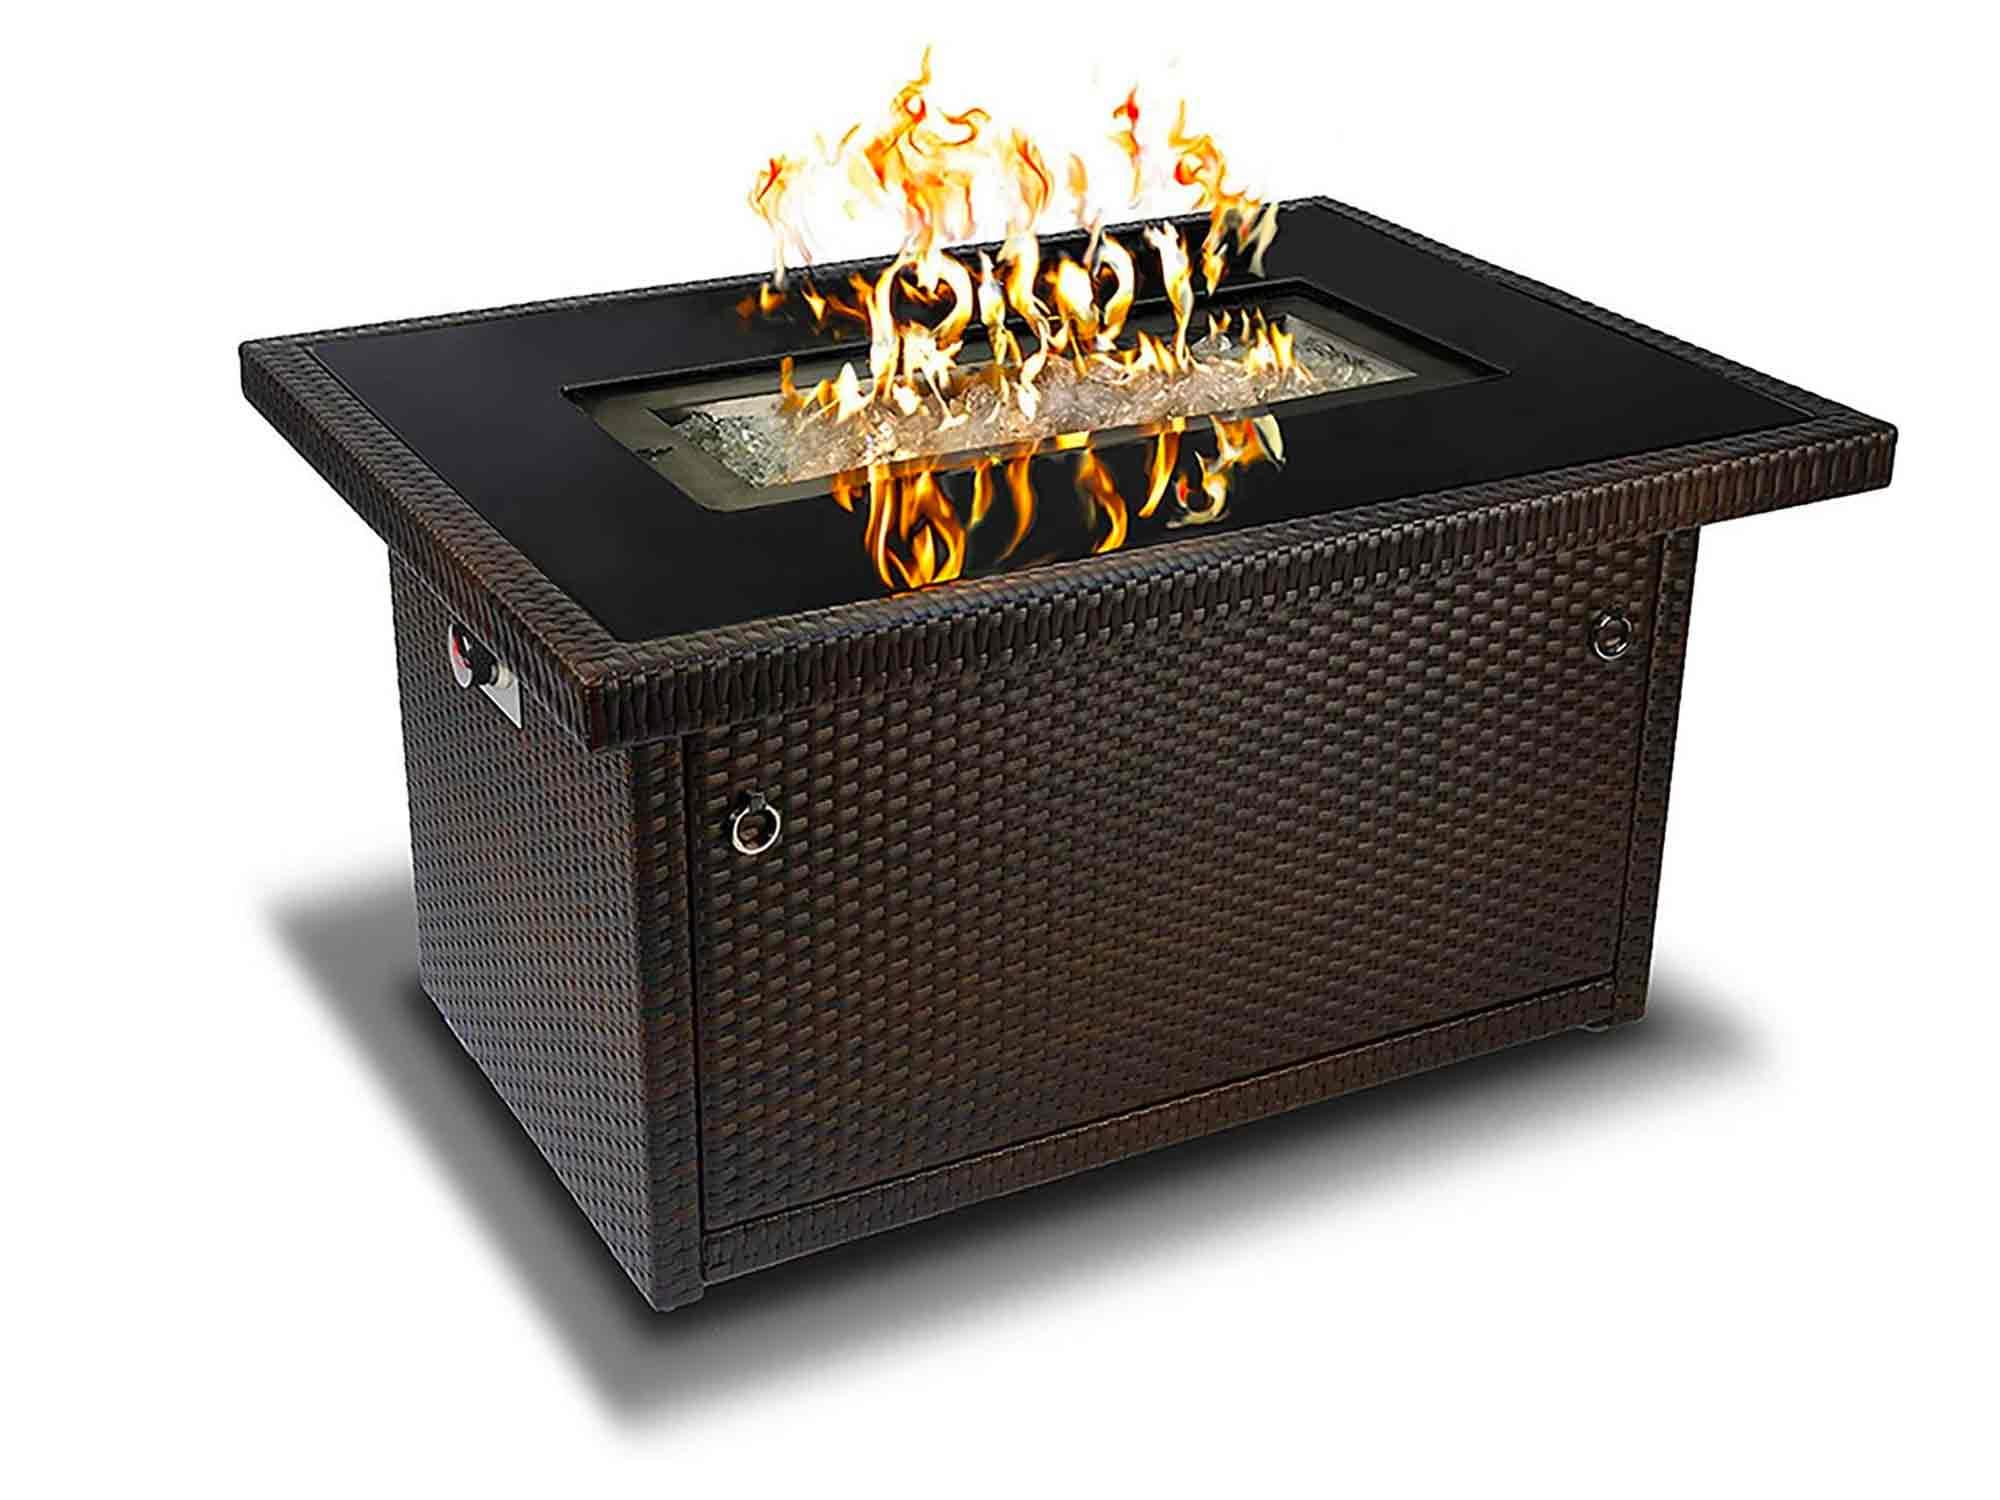 Outland Living Series 403-Espresso Brown Fire Table, Espresso Brown/50,000 BTU